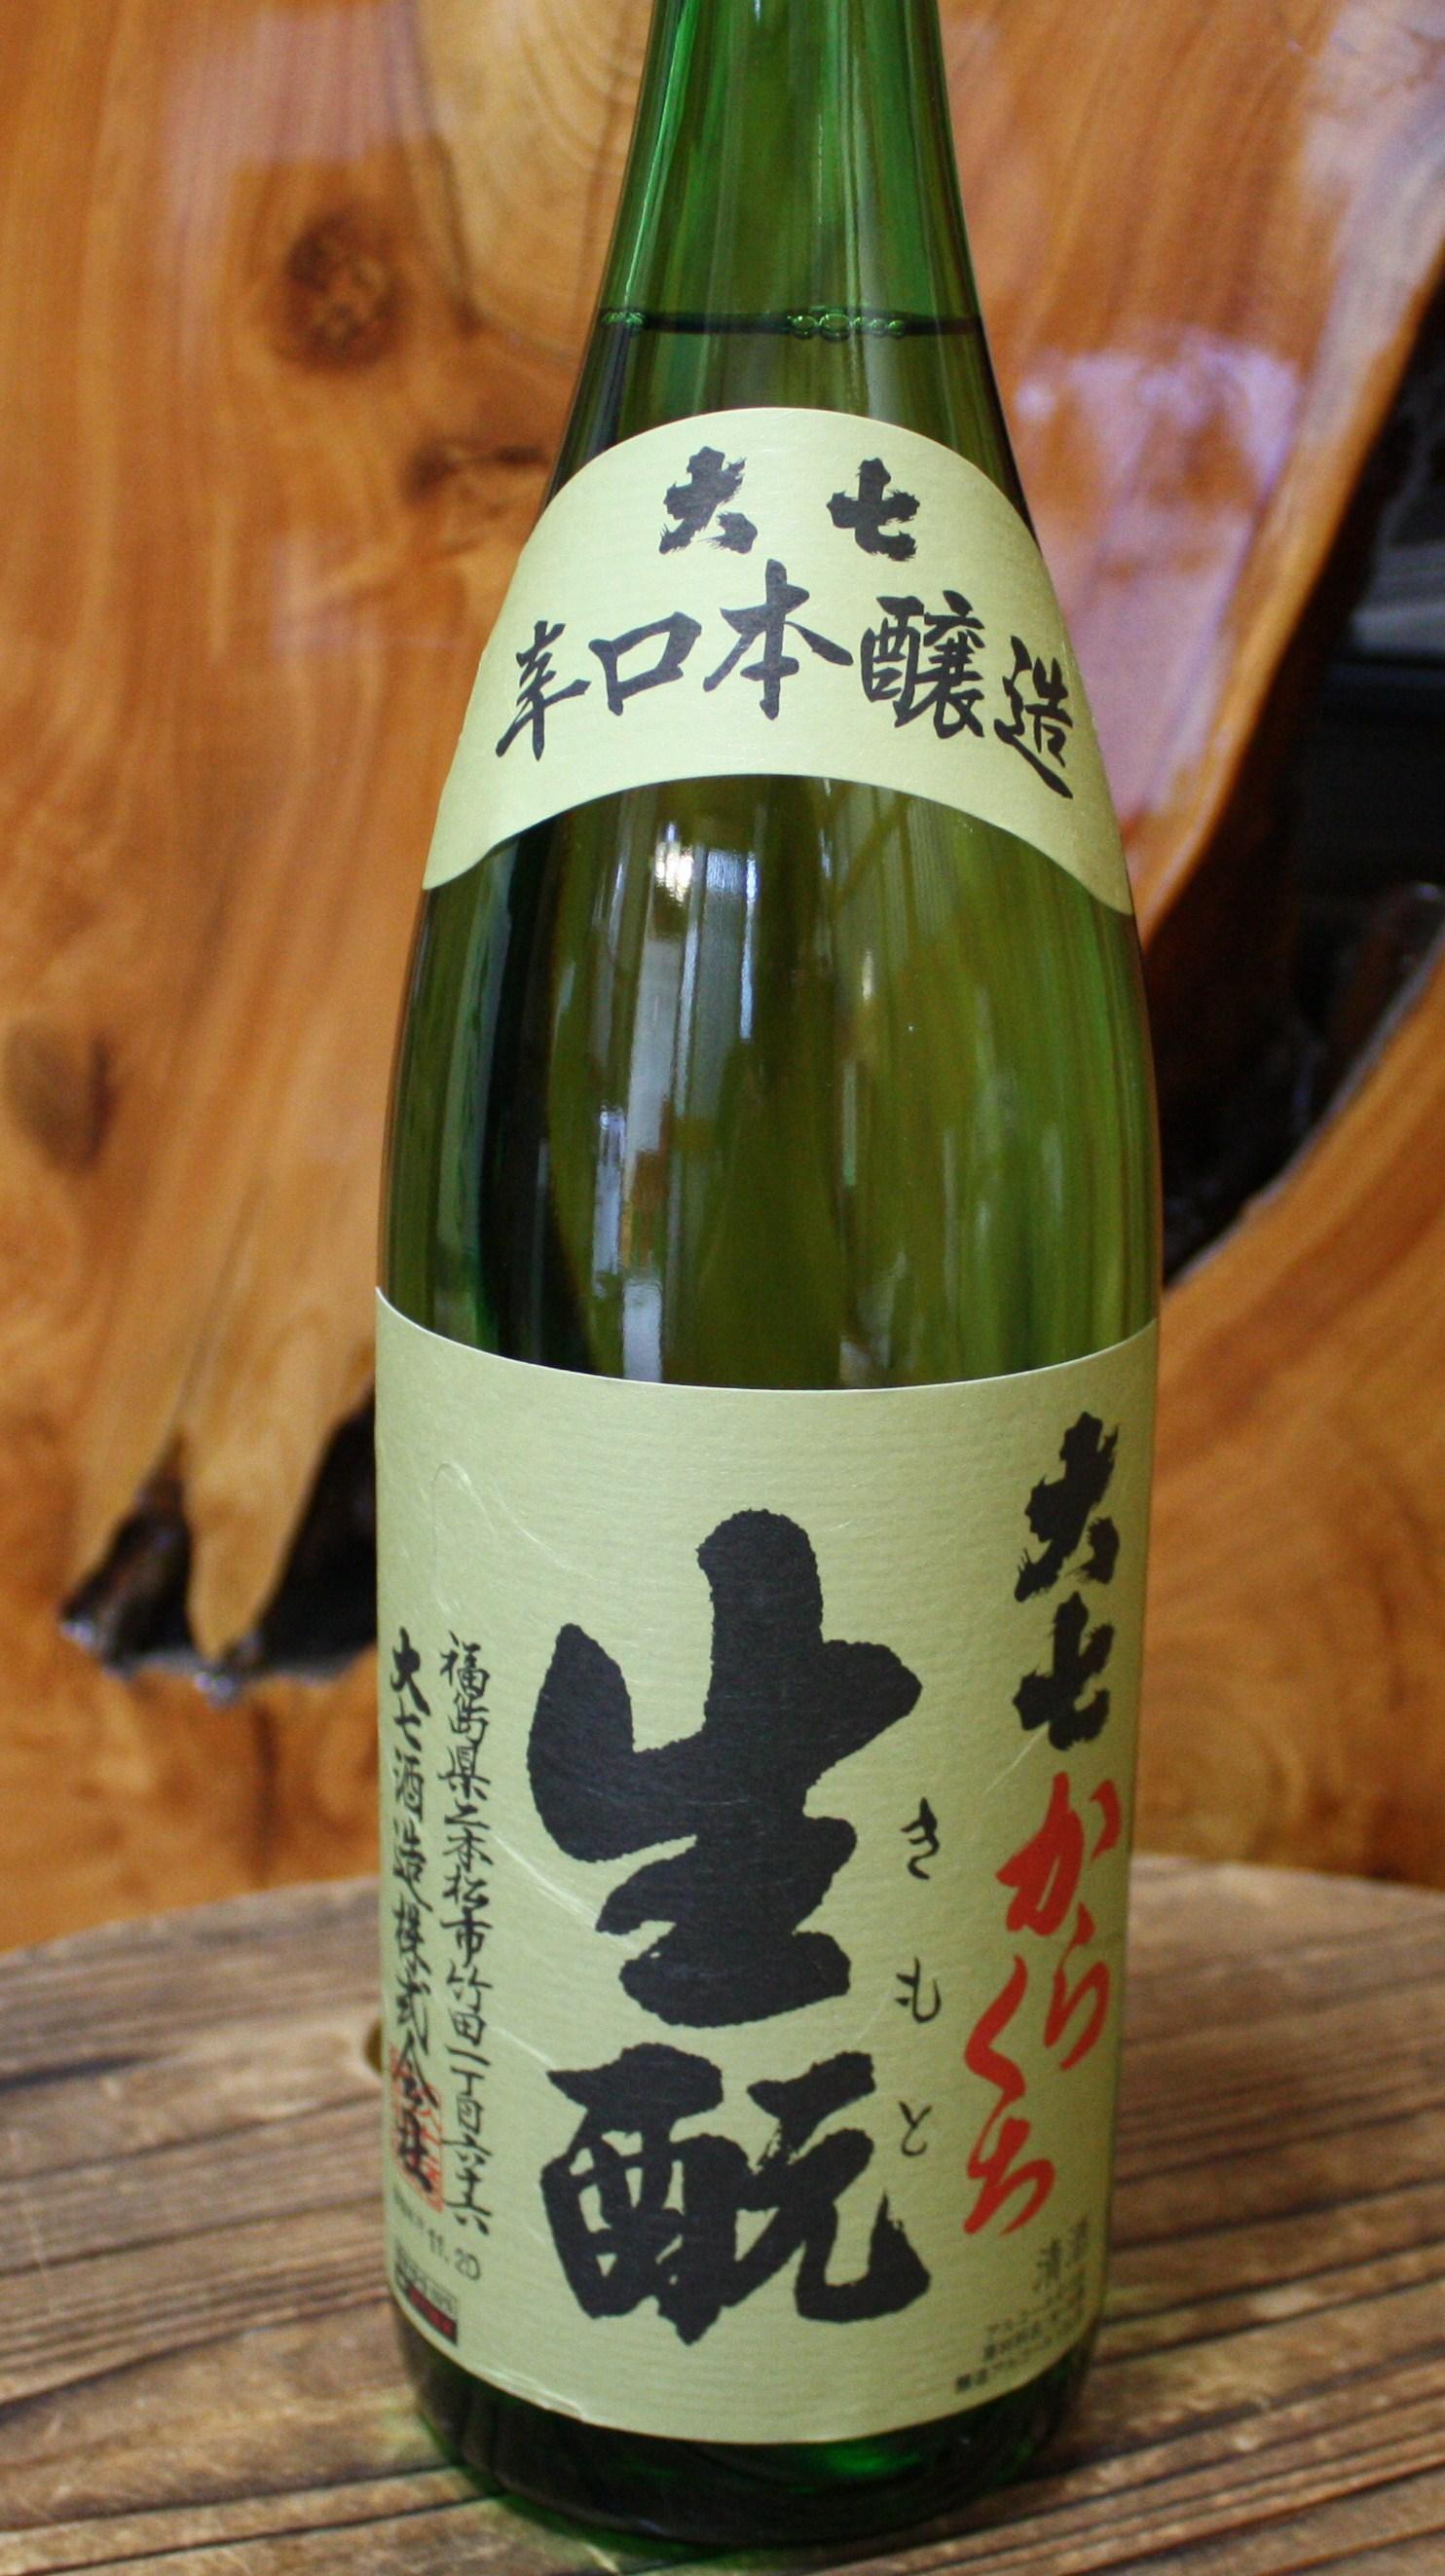 大七 辛口きもと本醸造 1800ml 【福島/大七酒造】